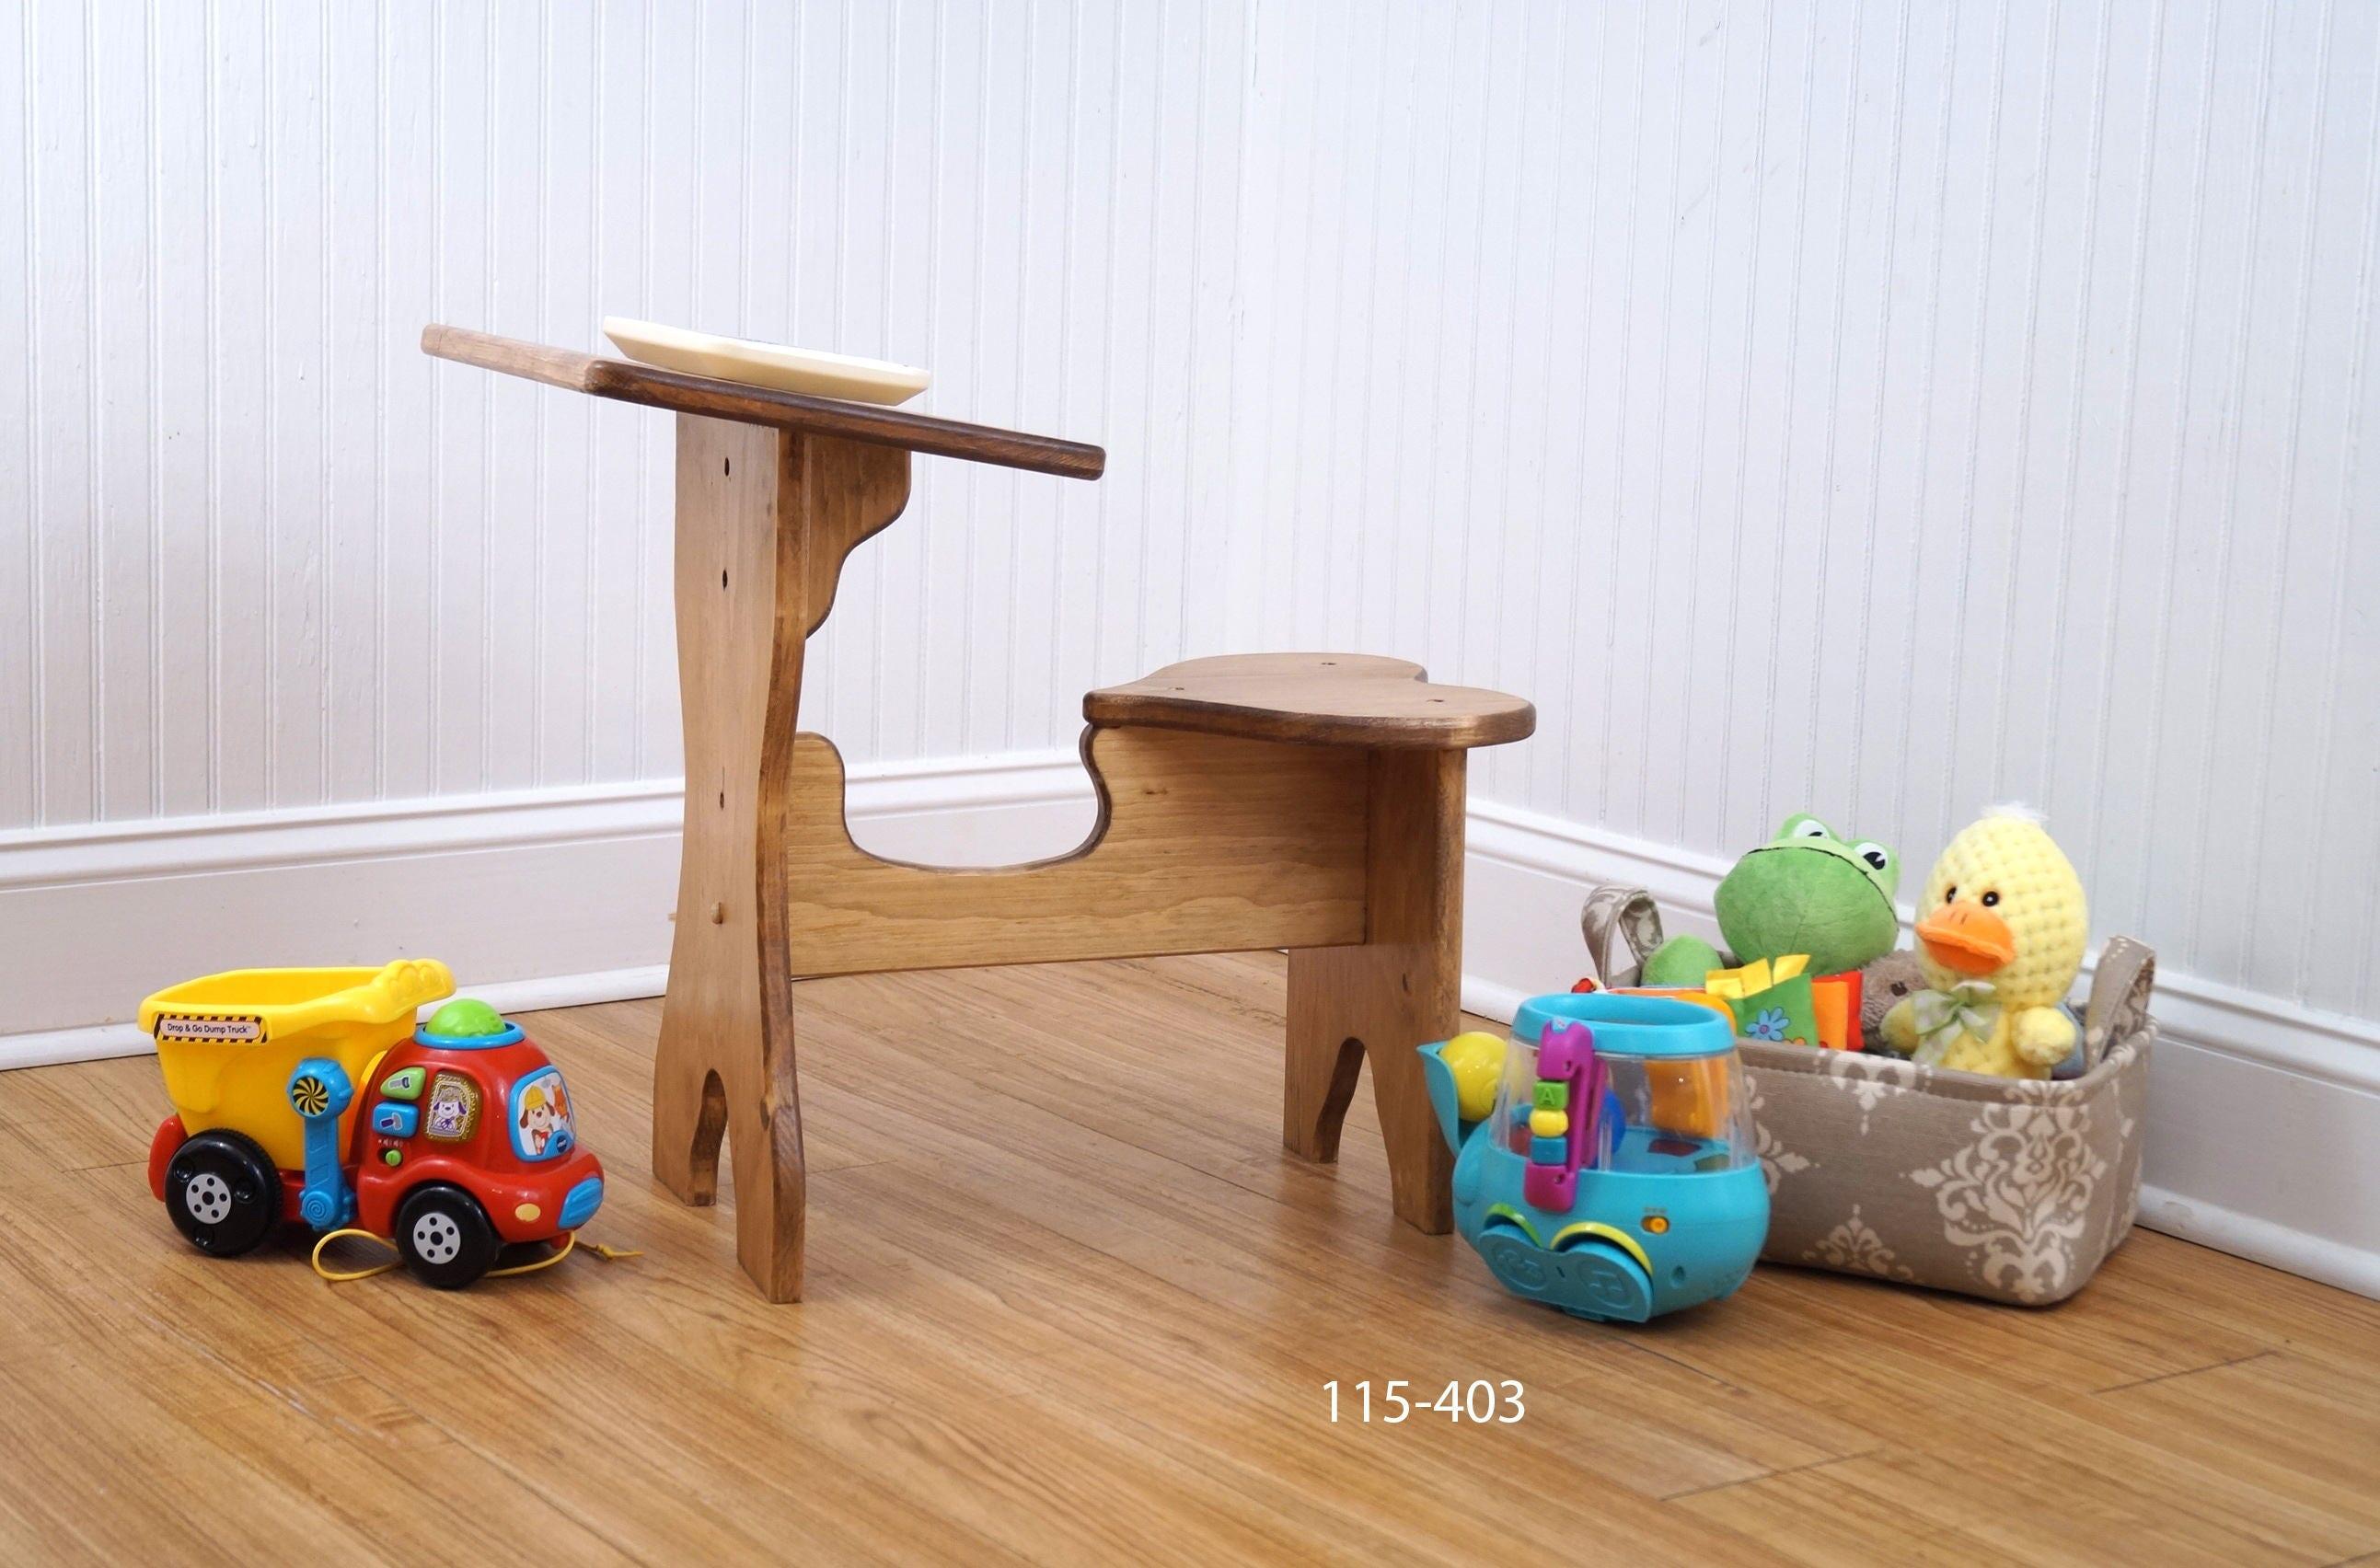 Childu0027s Desk, Kids Furniture, Kids Desk, Desk For Child, Kids Gift, Gift  For Child, Junior Desk, Play Desk, Gift For Toddler